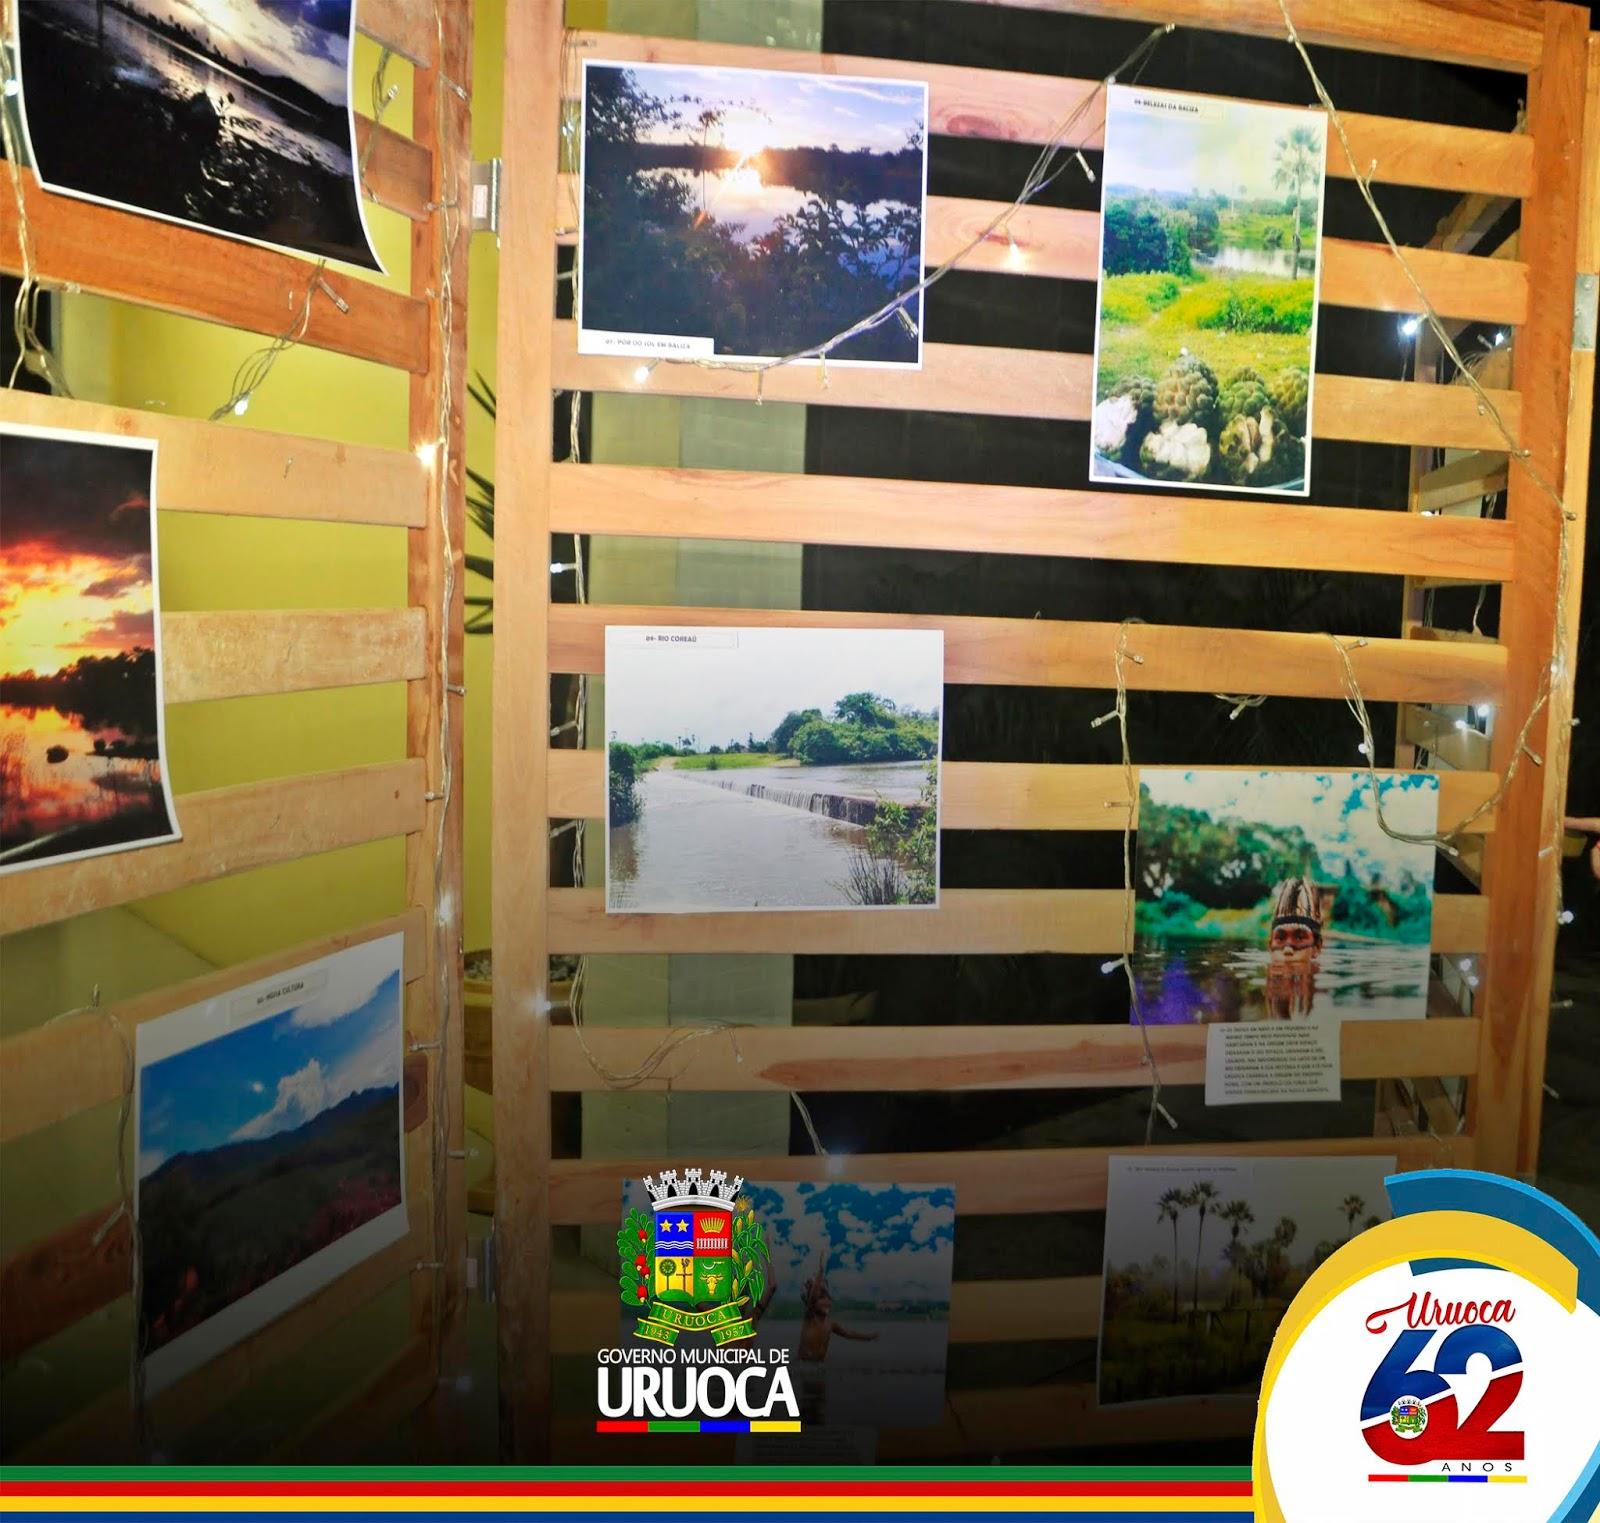 URUOCA 62 ANOS VI EDIÇÃO DA MOSTRA DE FOTOGRAFIAS DE URUOCA